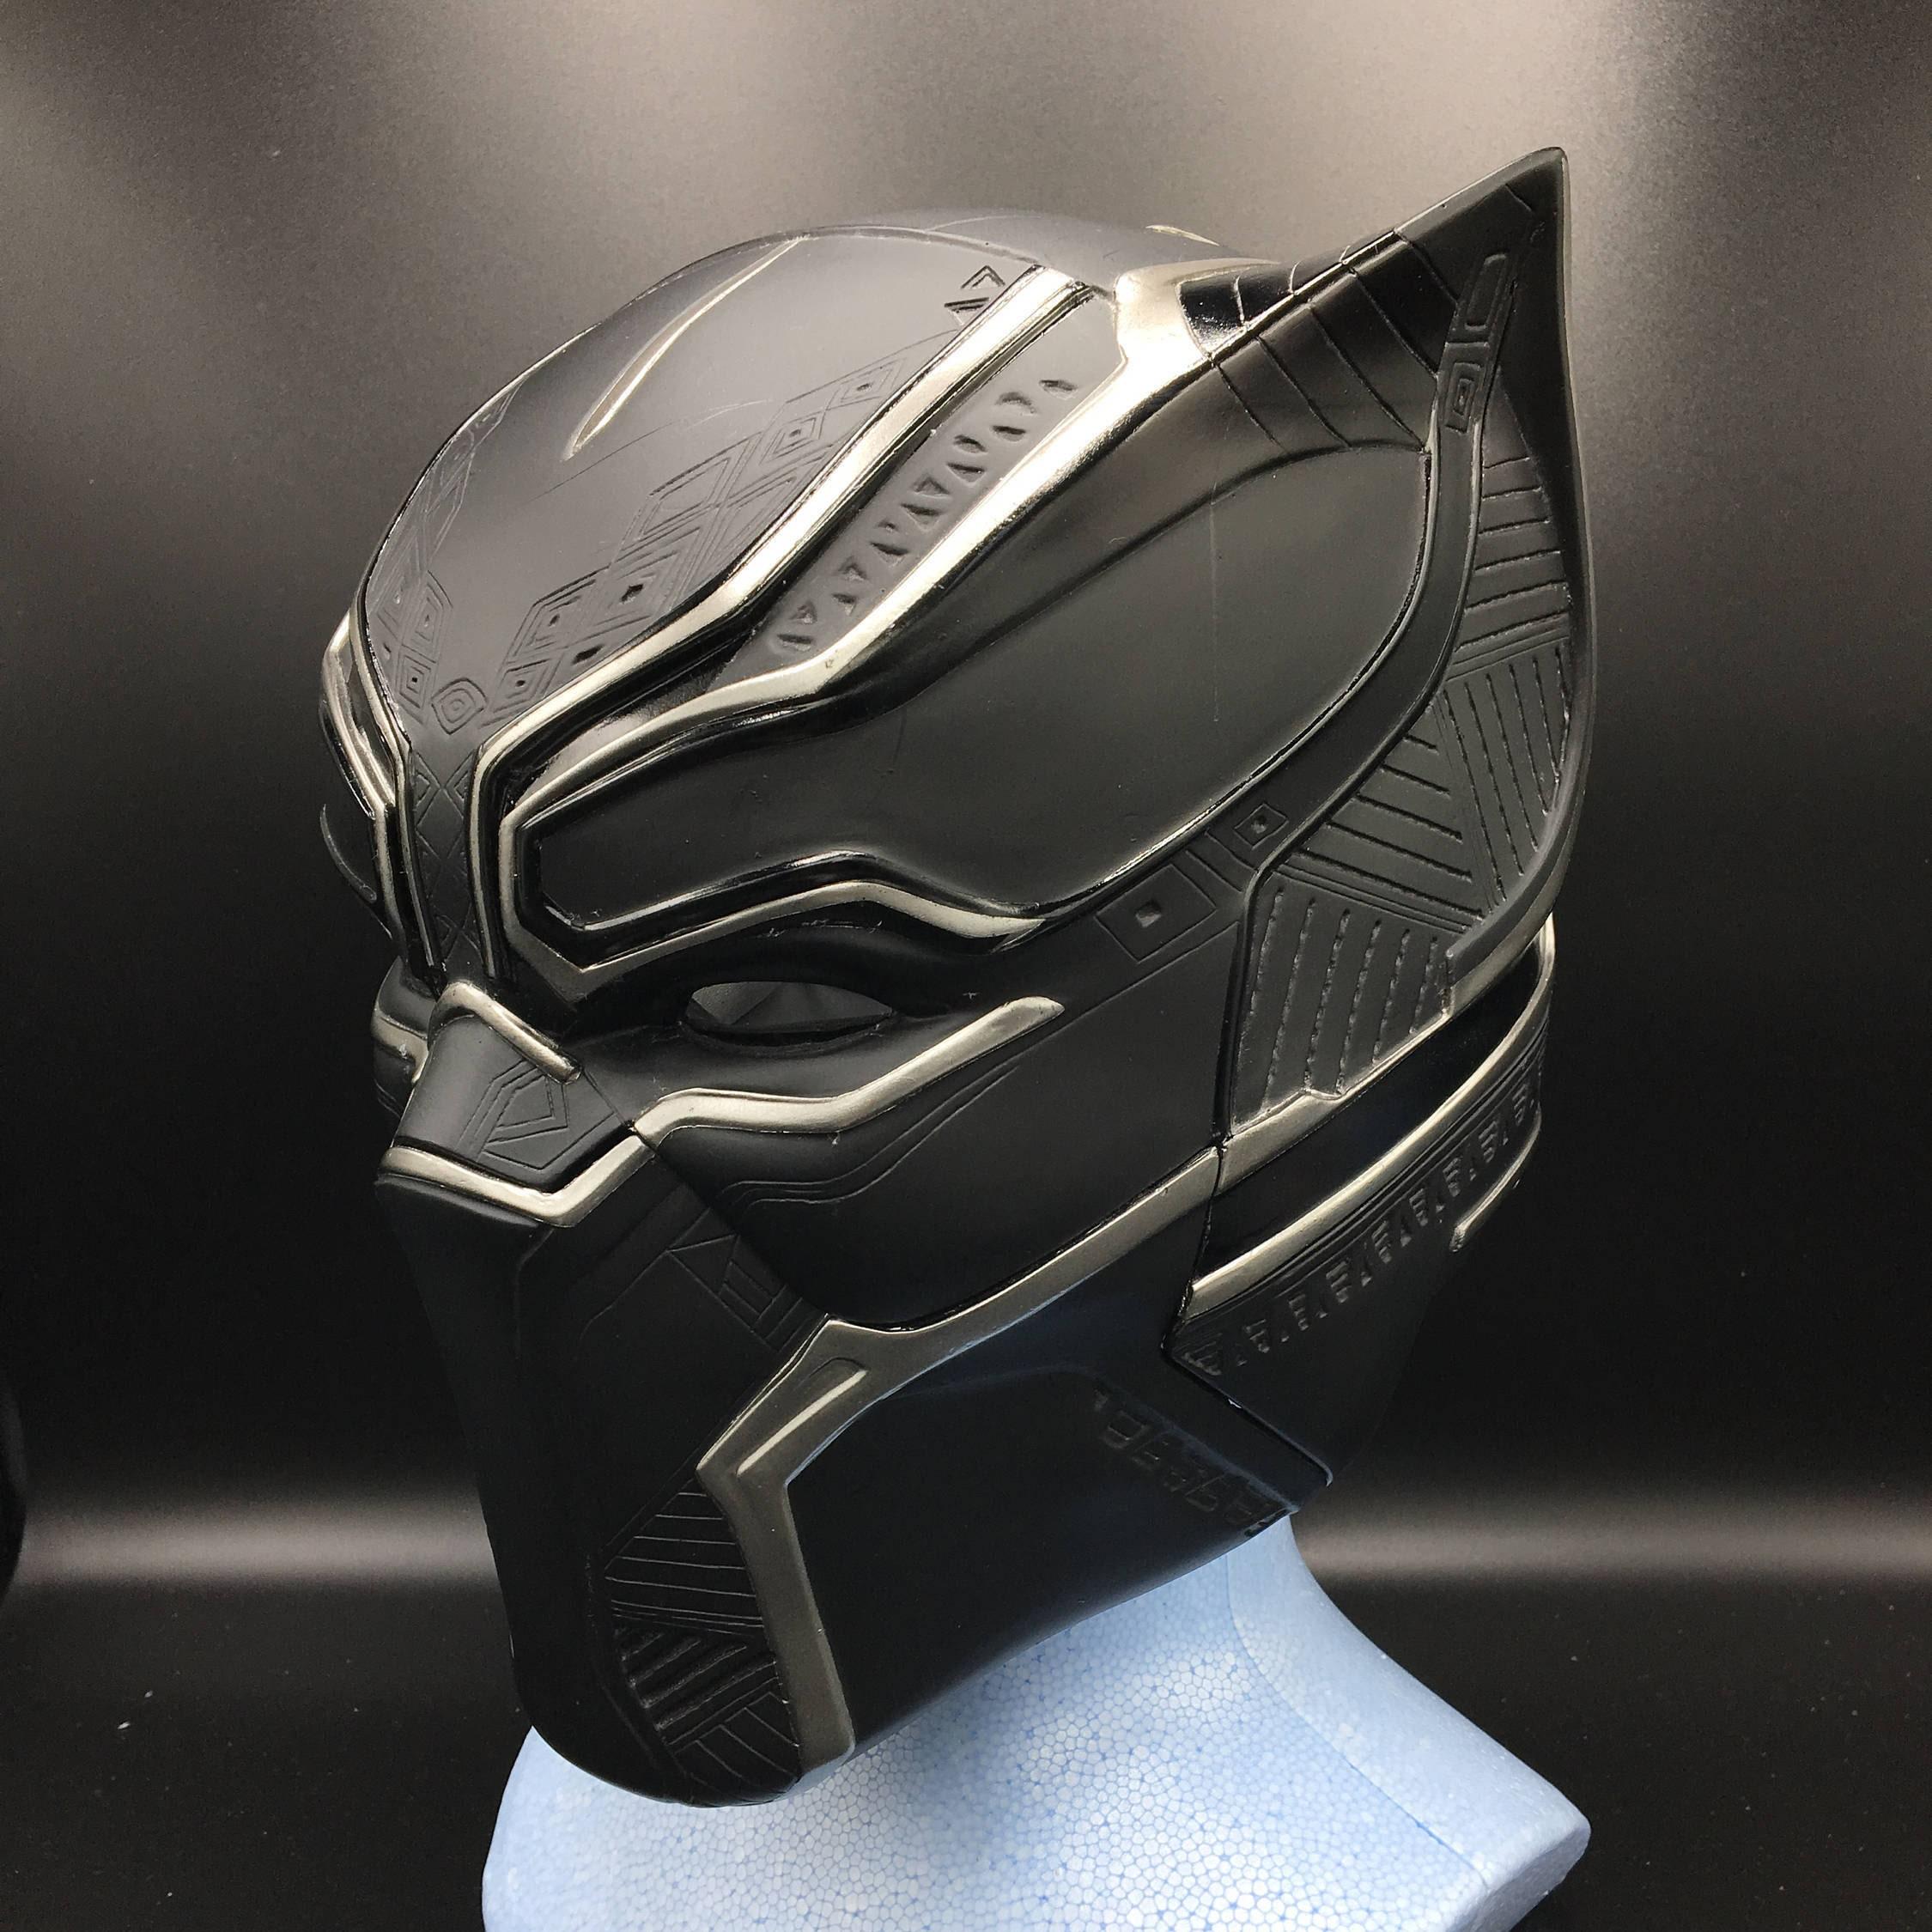 Black Panther Helm lebensgroße Skala voll Muster detail Malen